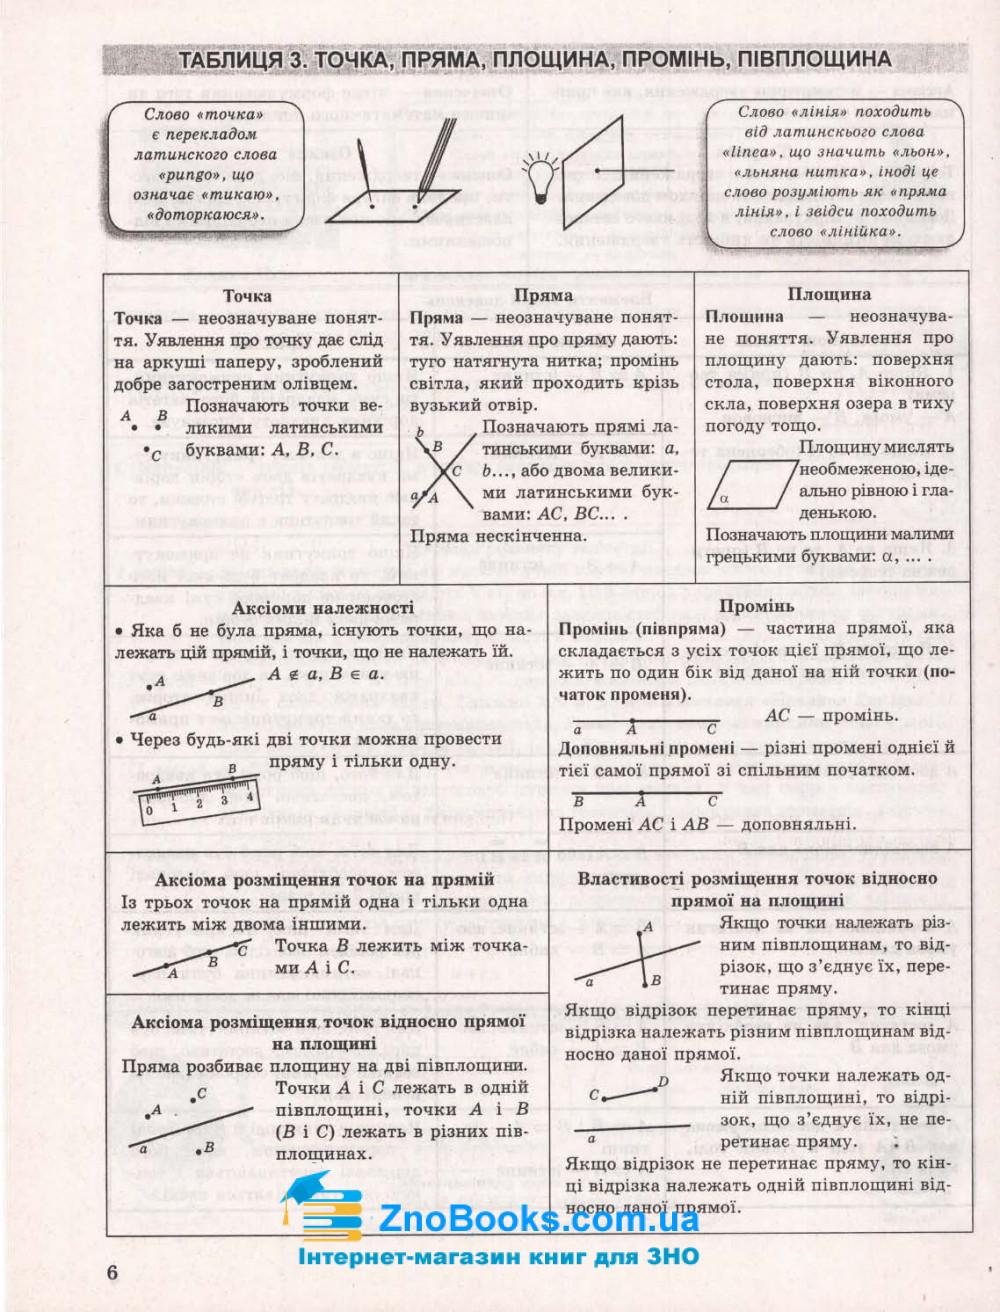 Геометрія. Таблиці та схеми : Роганін О. Торсінг. купити 7